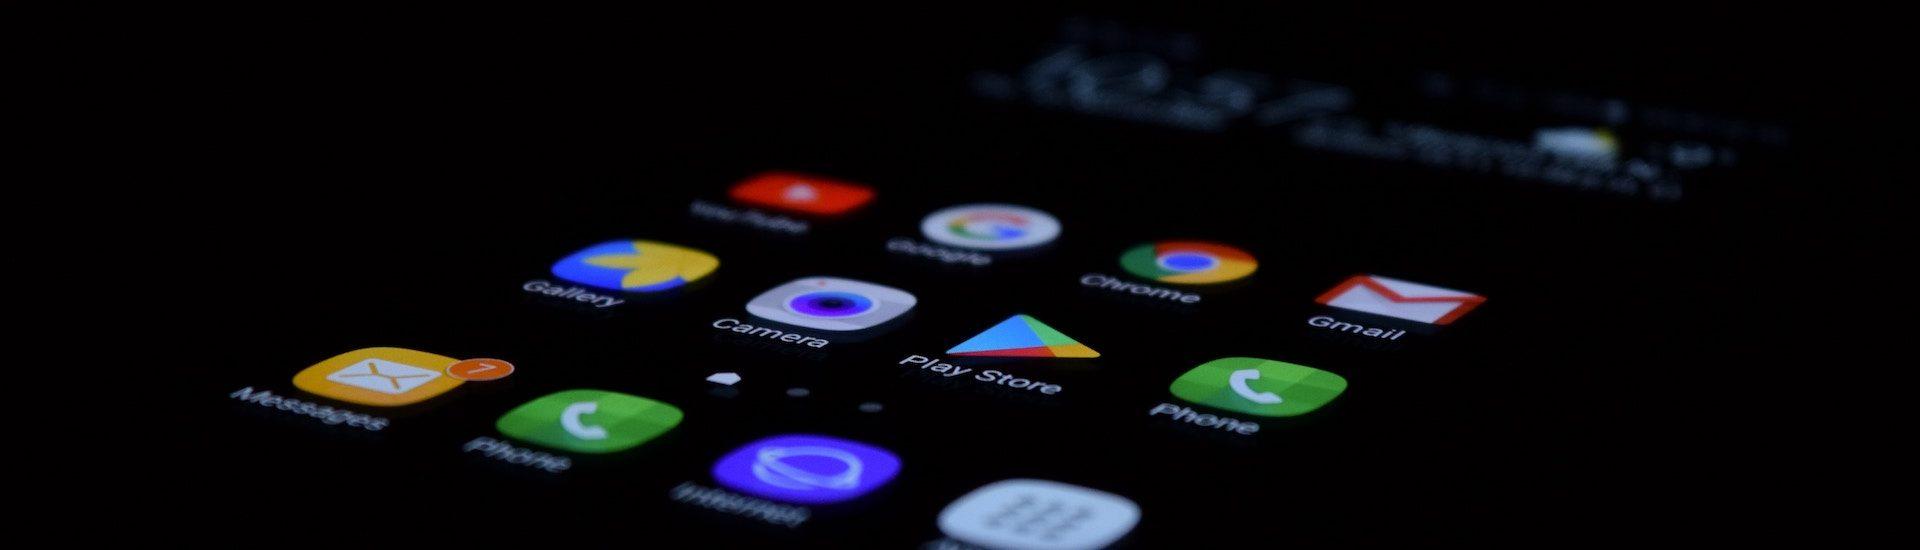 Comienza la era de las Apps